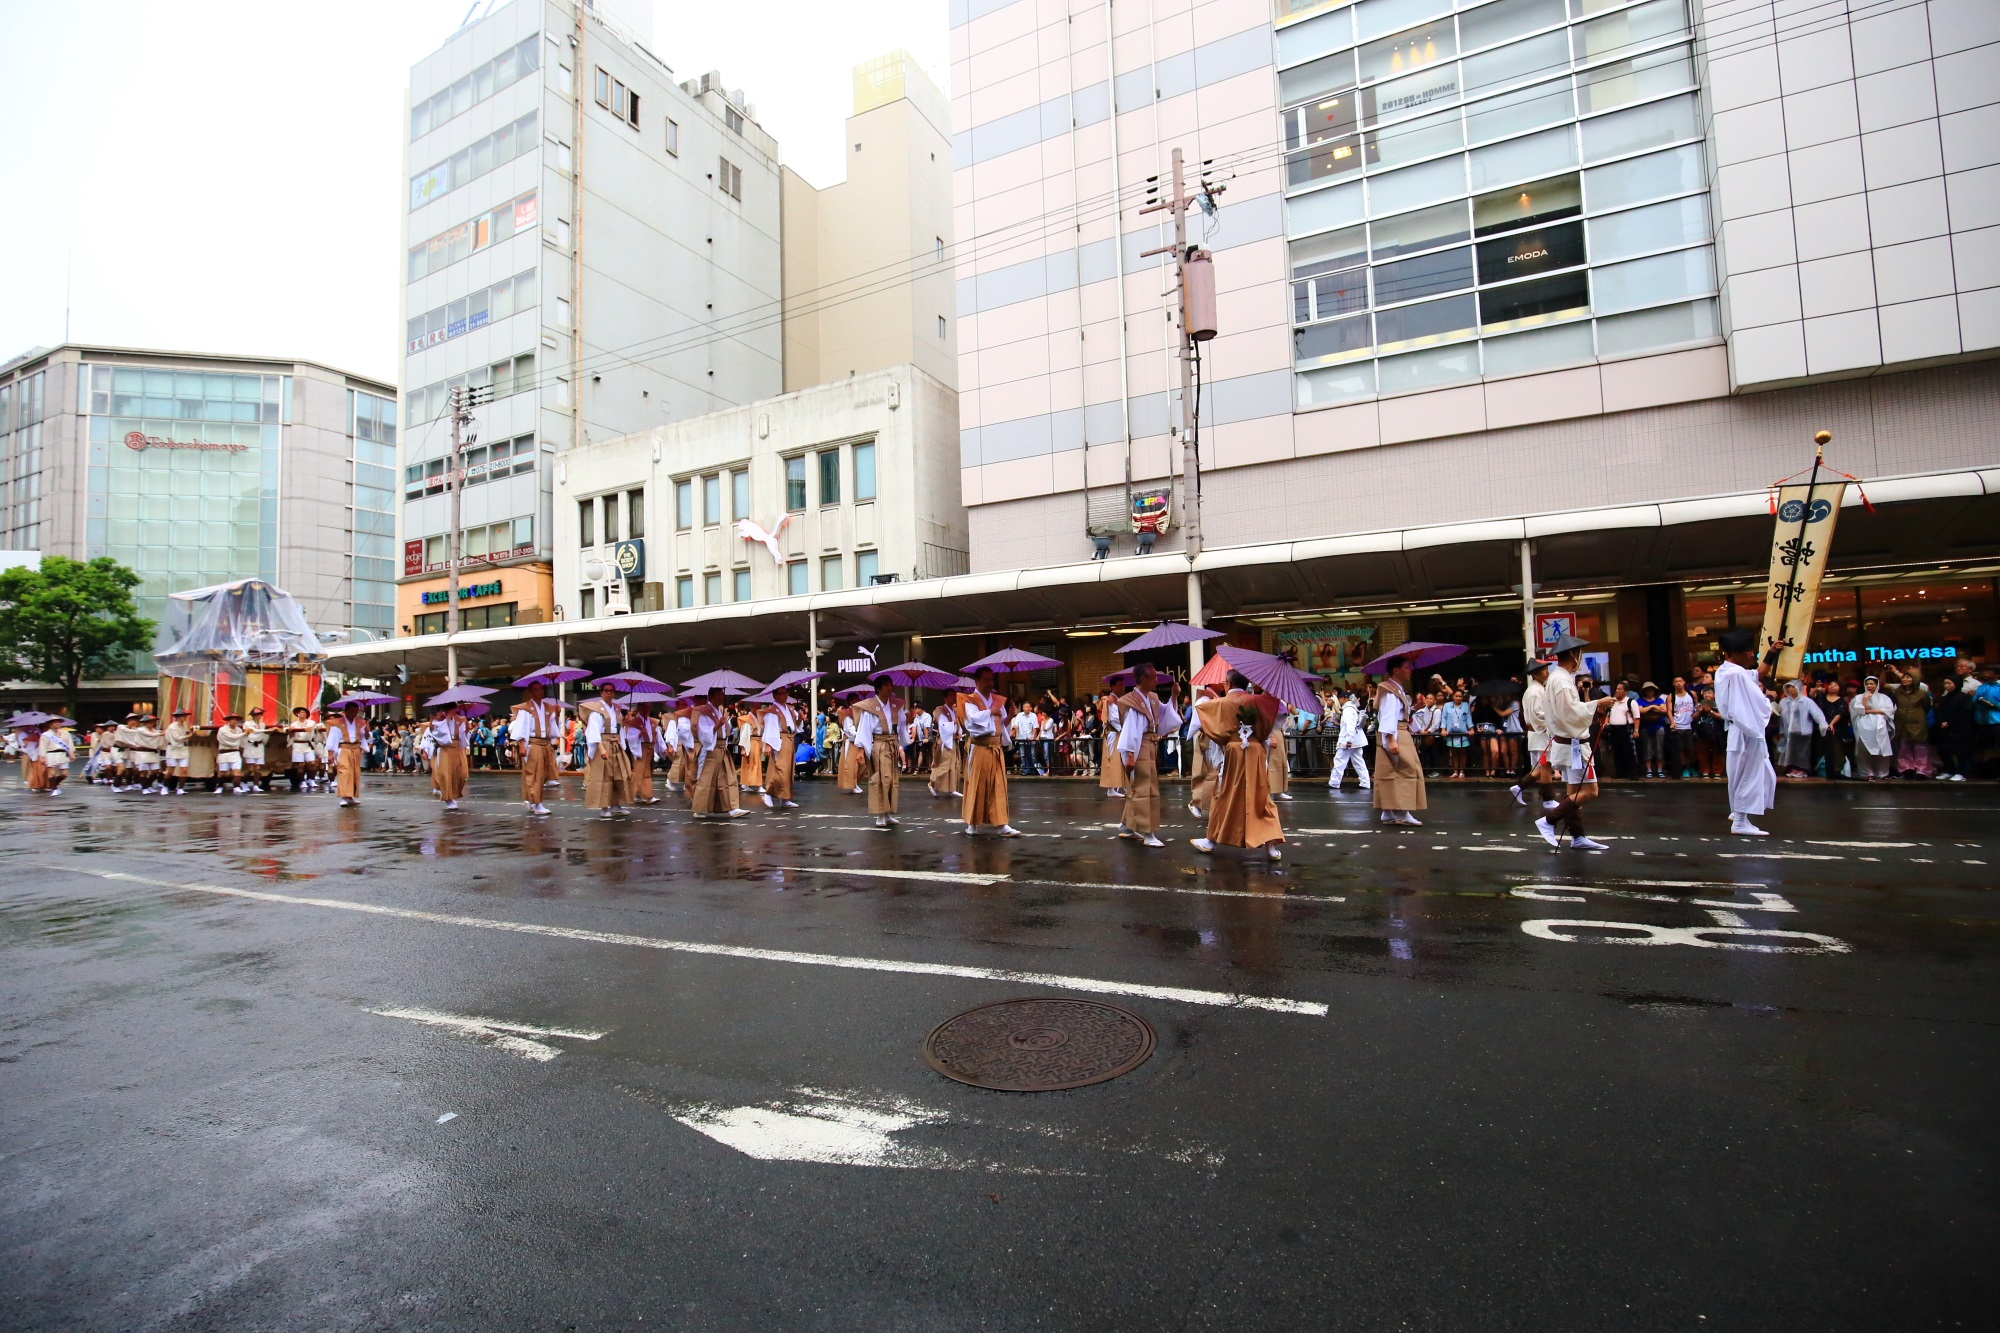 祇園祭の山鉾巡行の蟷螂山(とうろうやま)